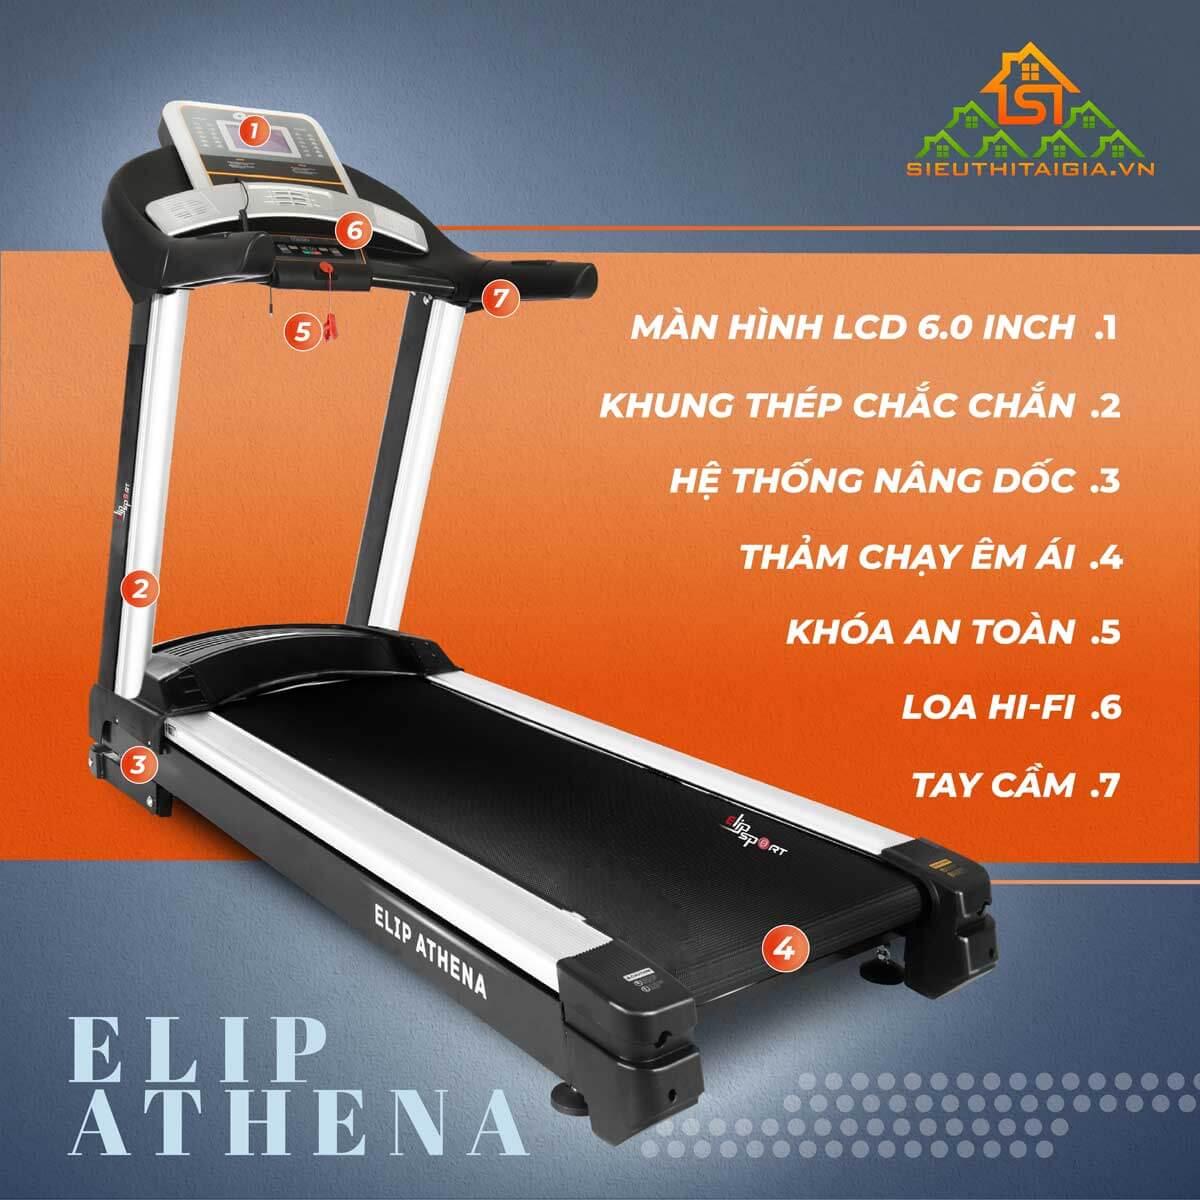 nhưng máy chạybộ điện Elip Athena